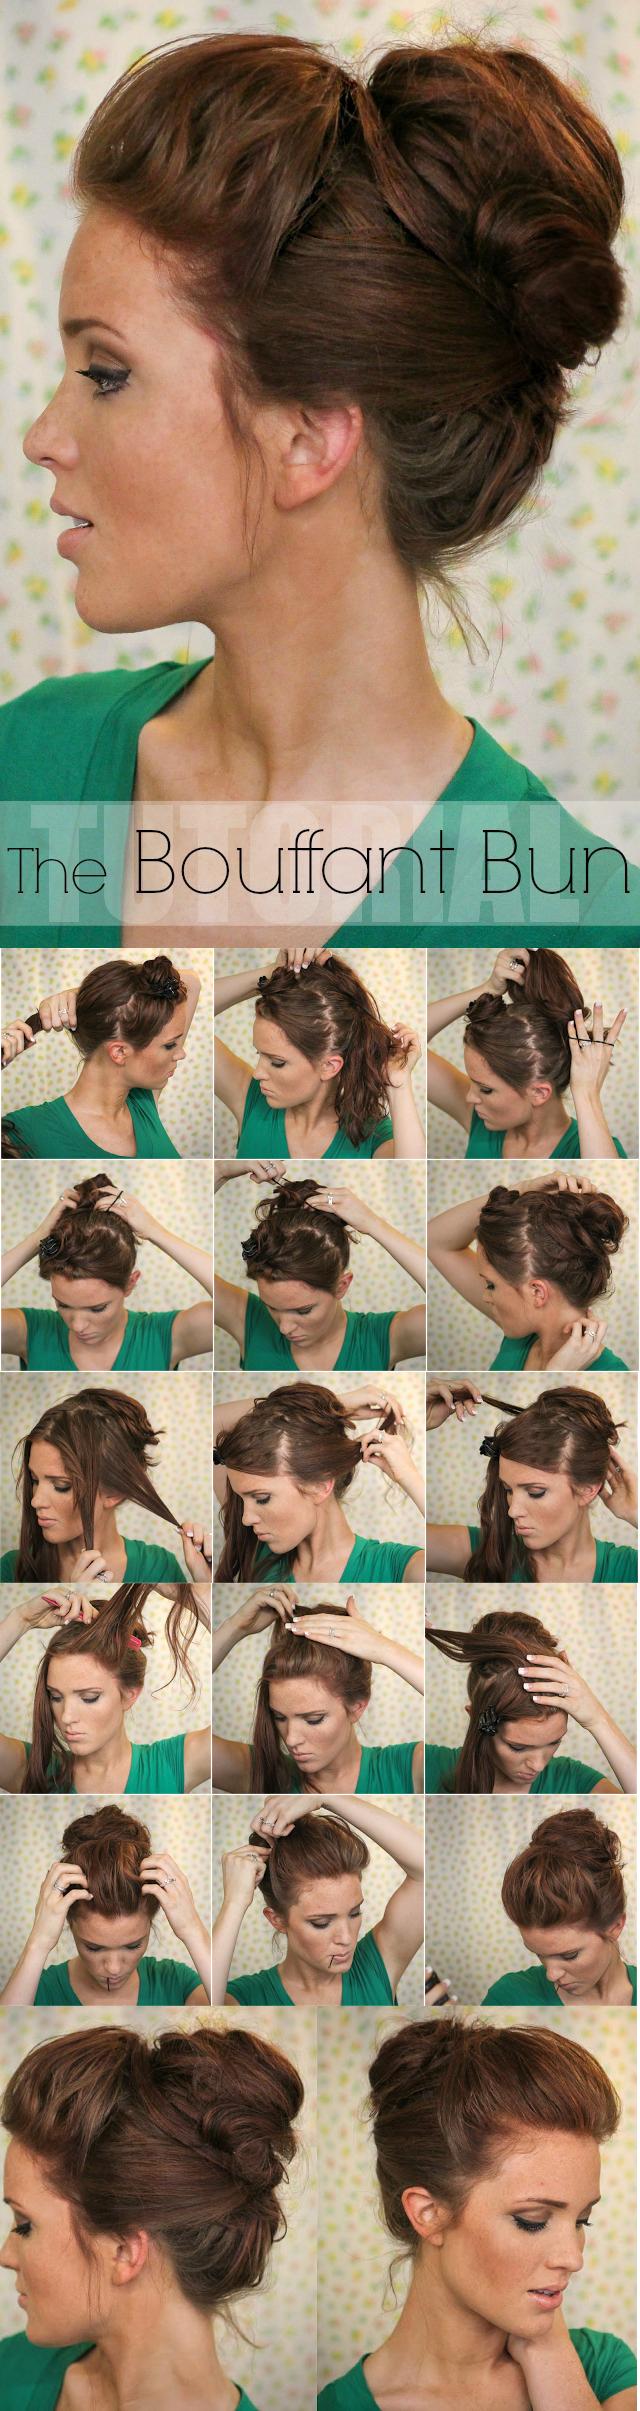 Sensational 13 Rather Simple Bun Hairstyles Tutorials For 2014 Pretty Designs Short Hairstyles Gunalazisus